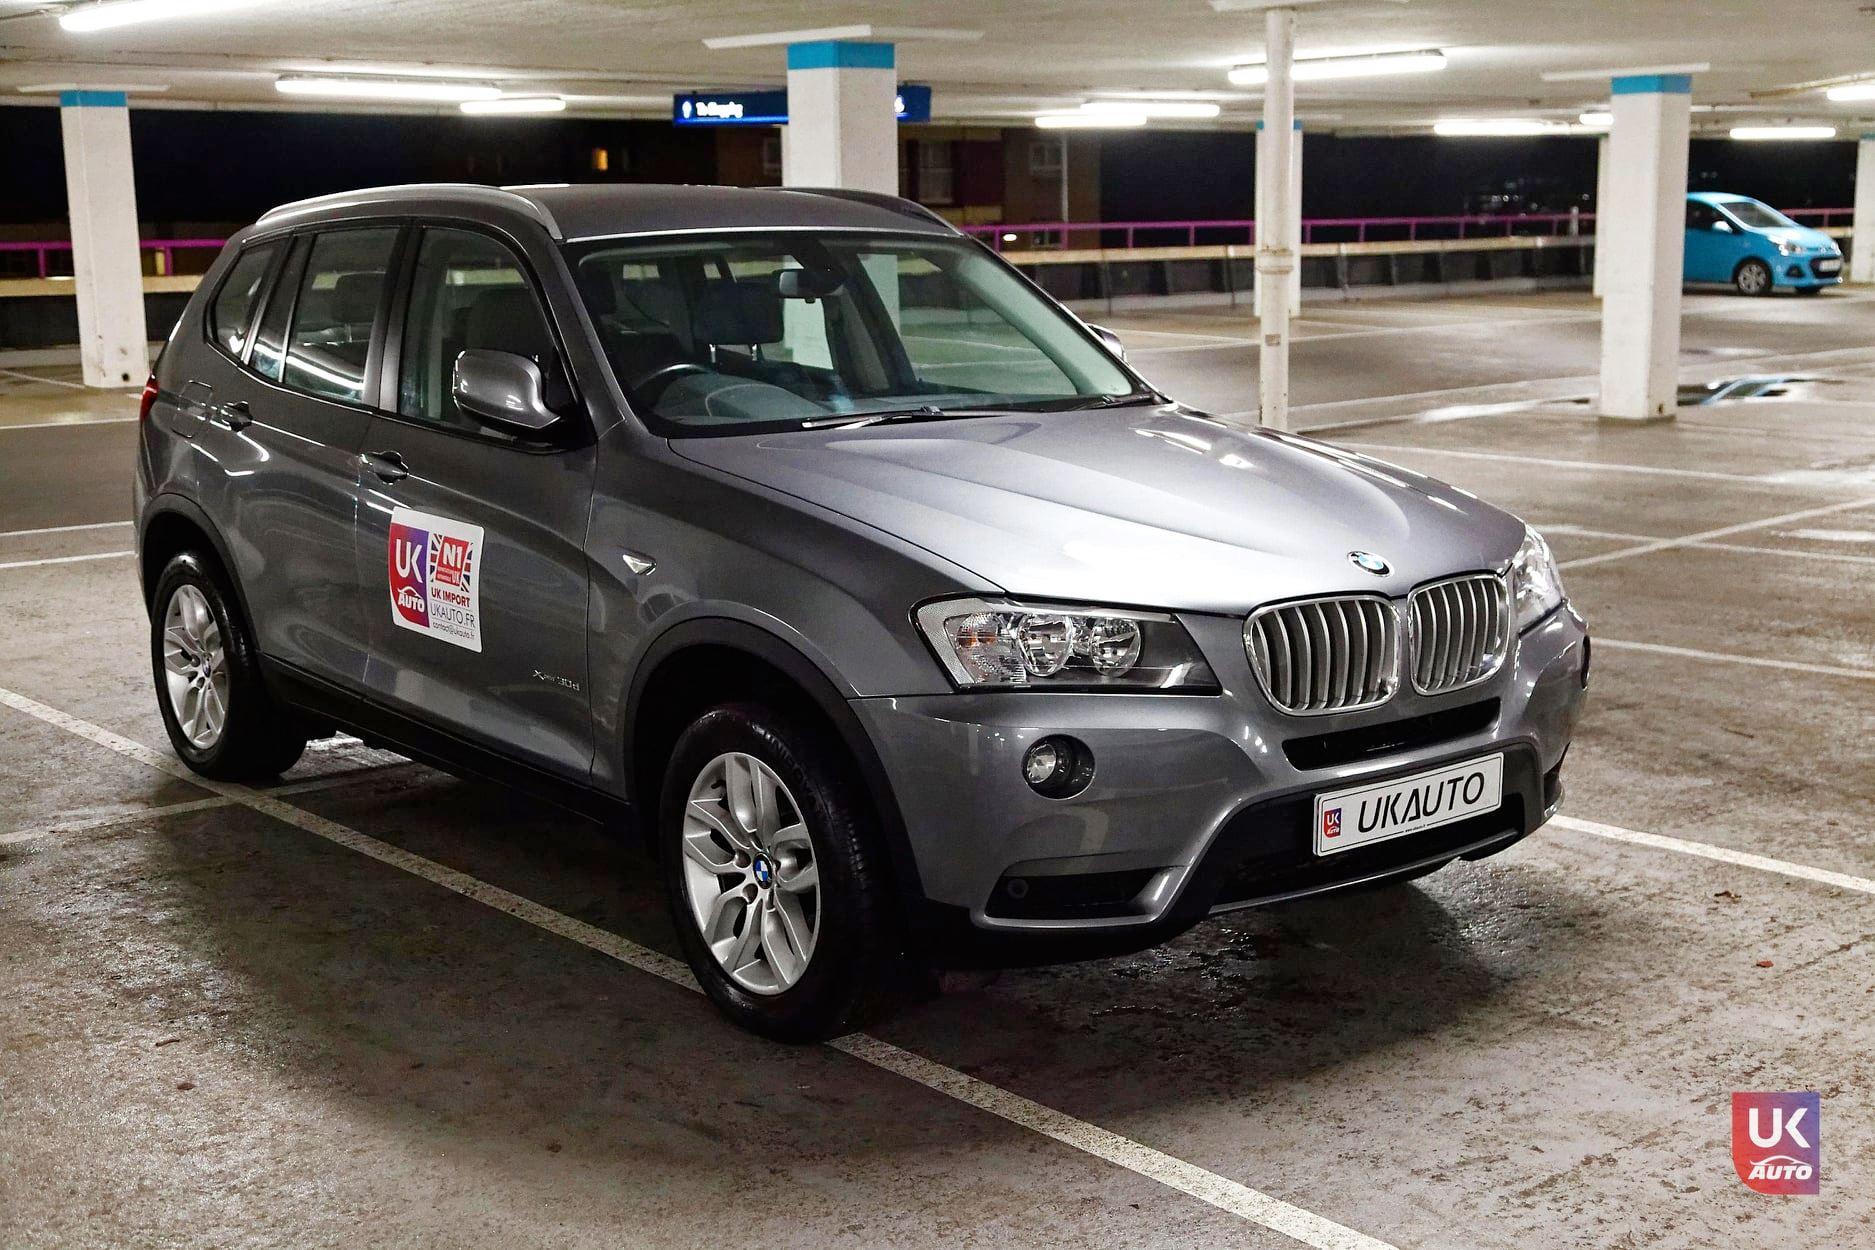 Voiture occasion royaume uni BMW X3 IMPORT UK9 - Voiture occasion royaume uni BMW X3 IMPORT UK